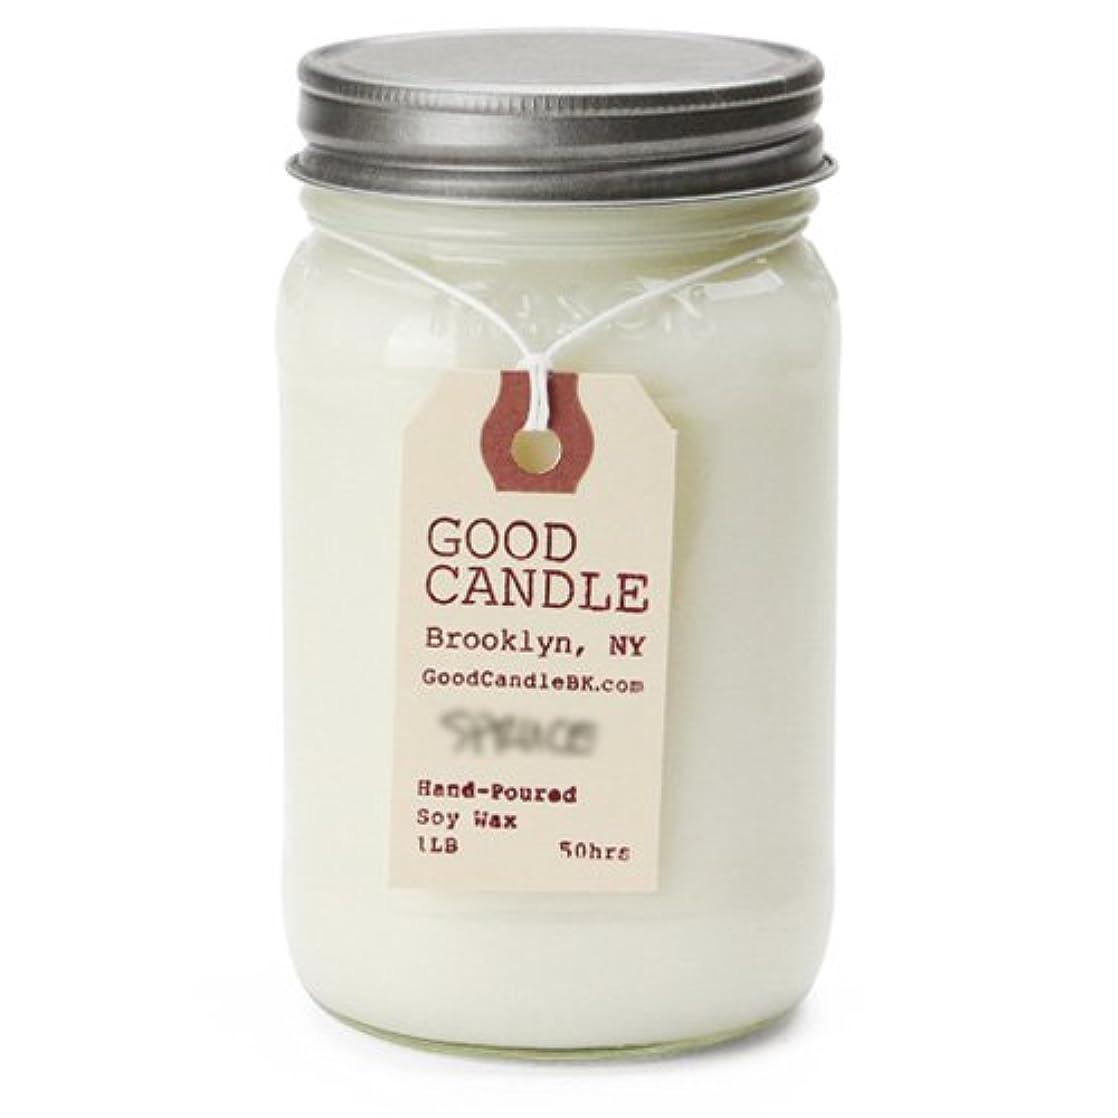 体メンタルやるグッドキャンドル 1ポンド メイソンジャー キャンドル Good Candle 1LB Mason jar candle [ Mimosa ] 正規品